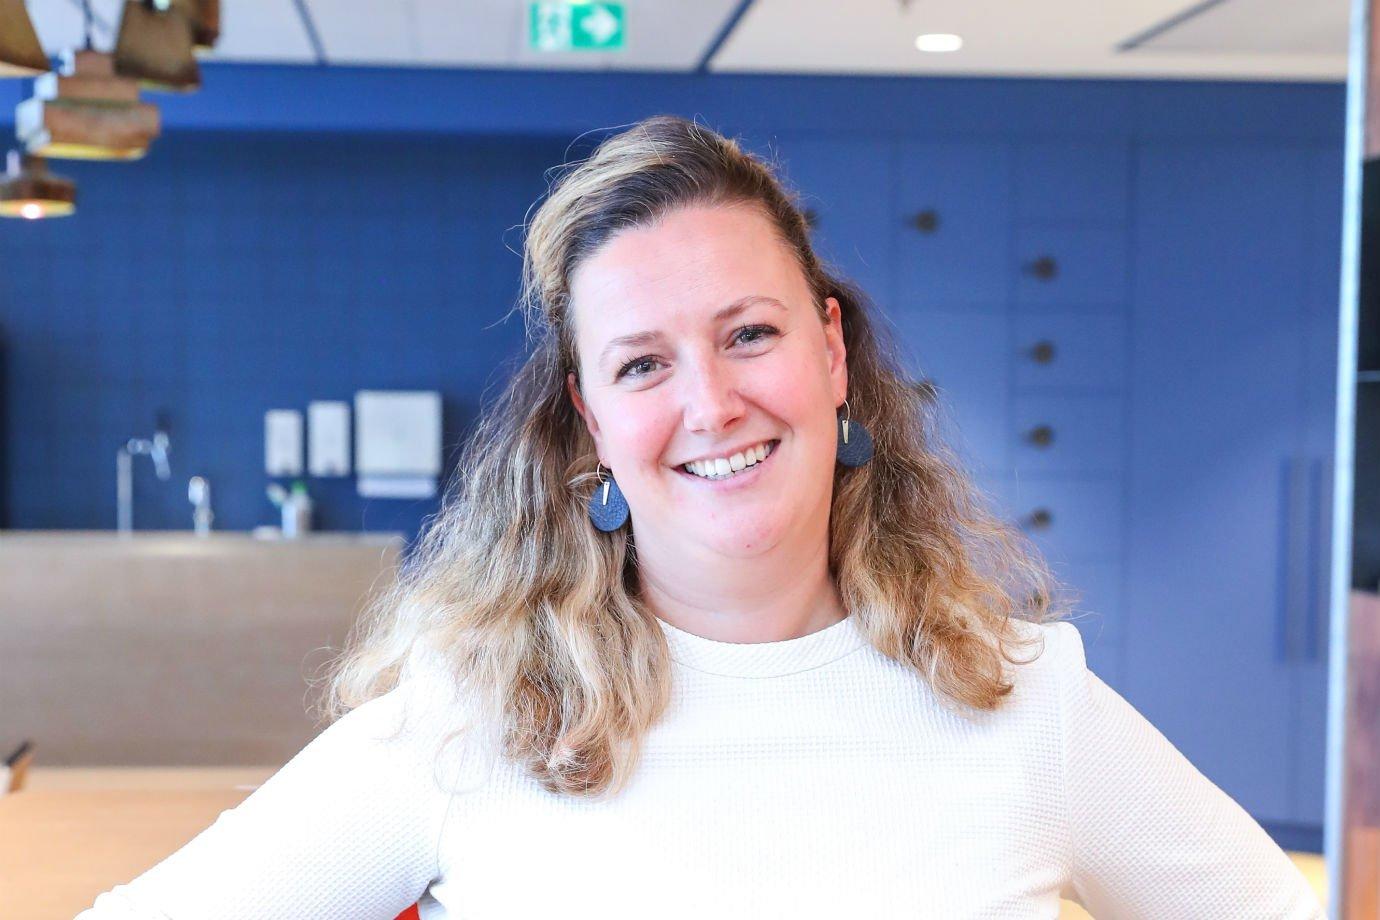 Marianne Gybels, diretora de sustentabilidade da Booking.com